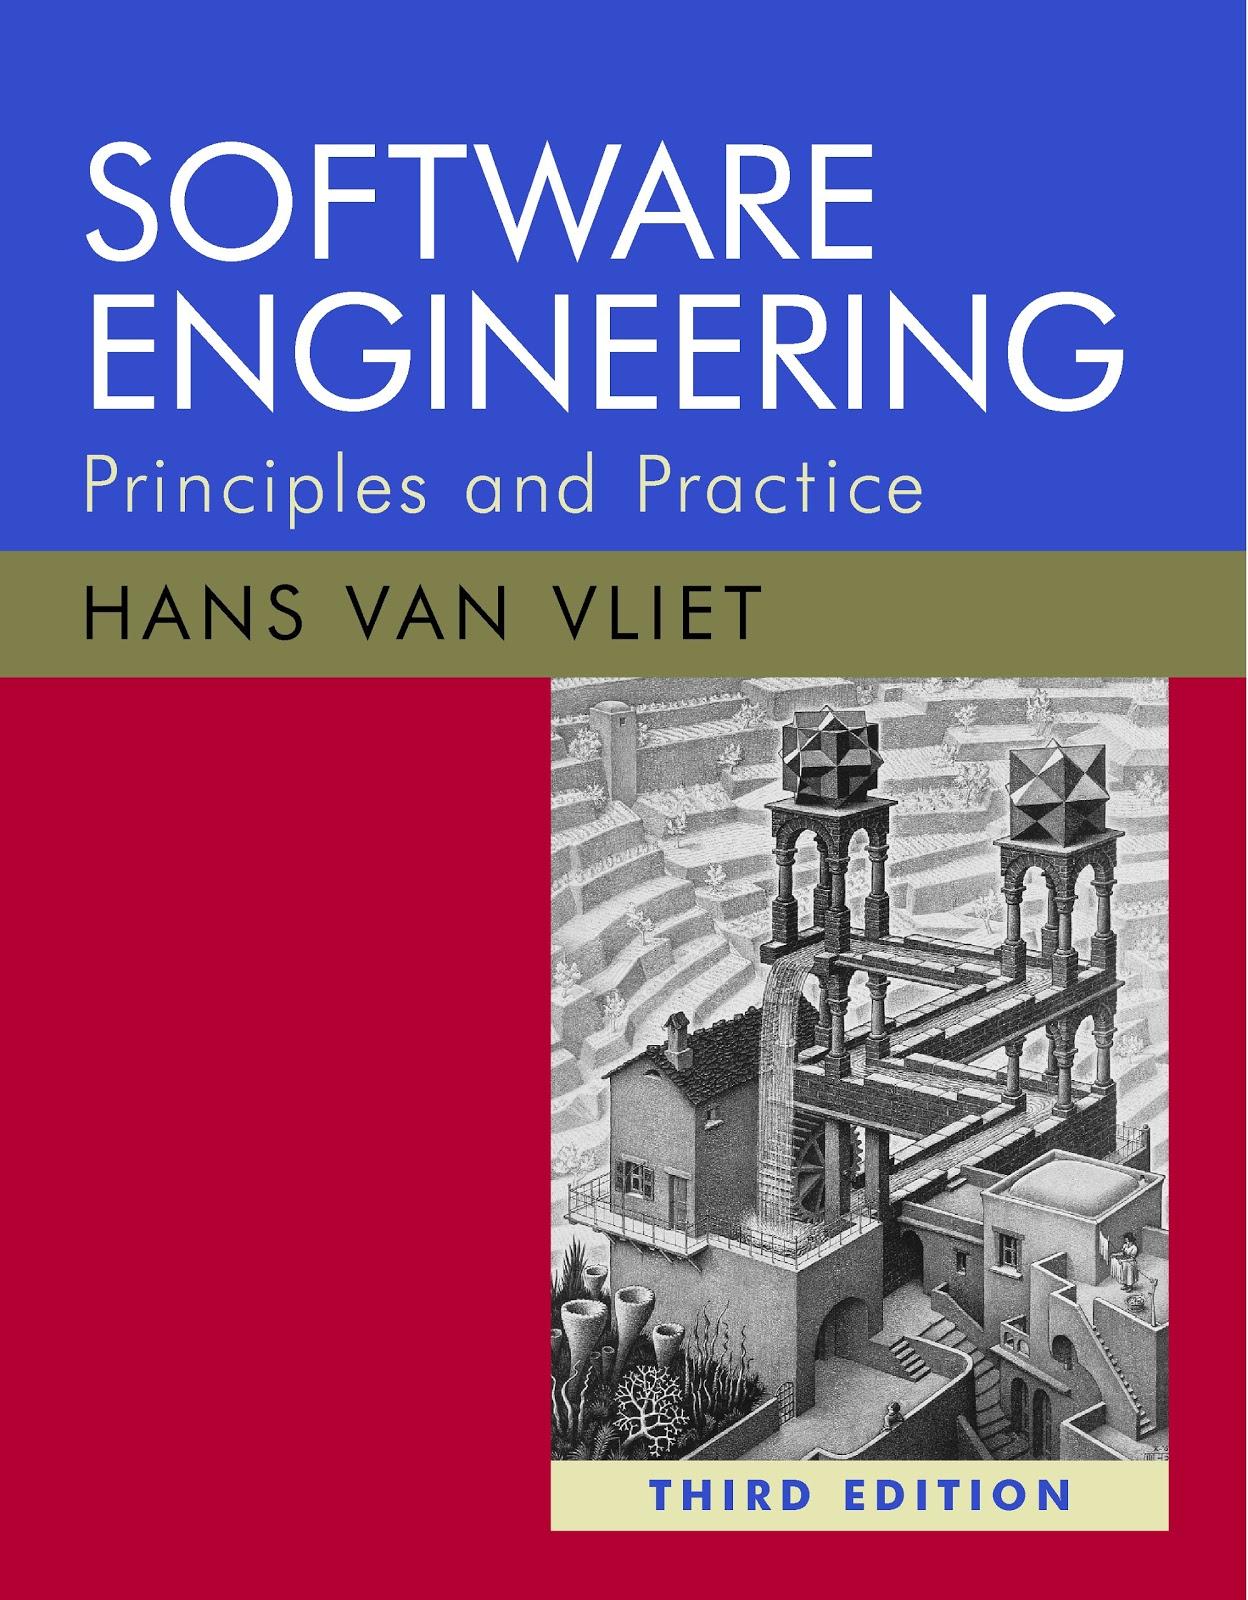 SE+Hans+Van+Vliet.jpg